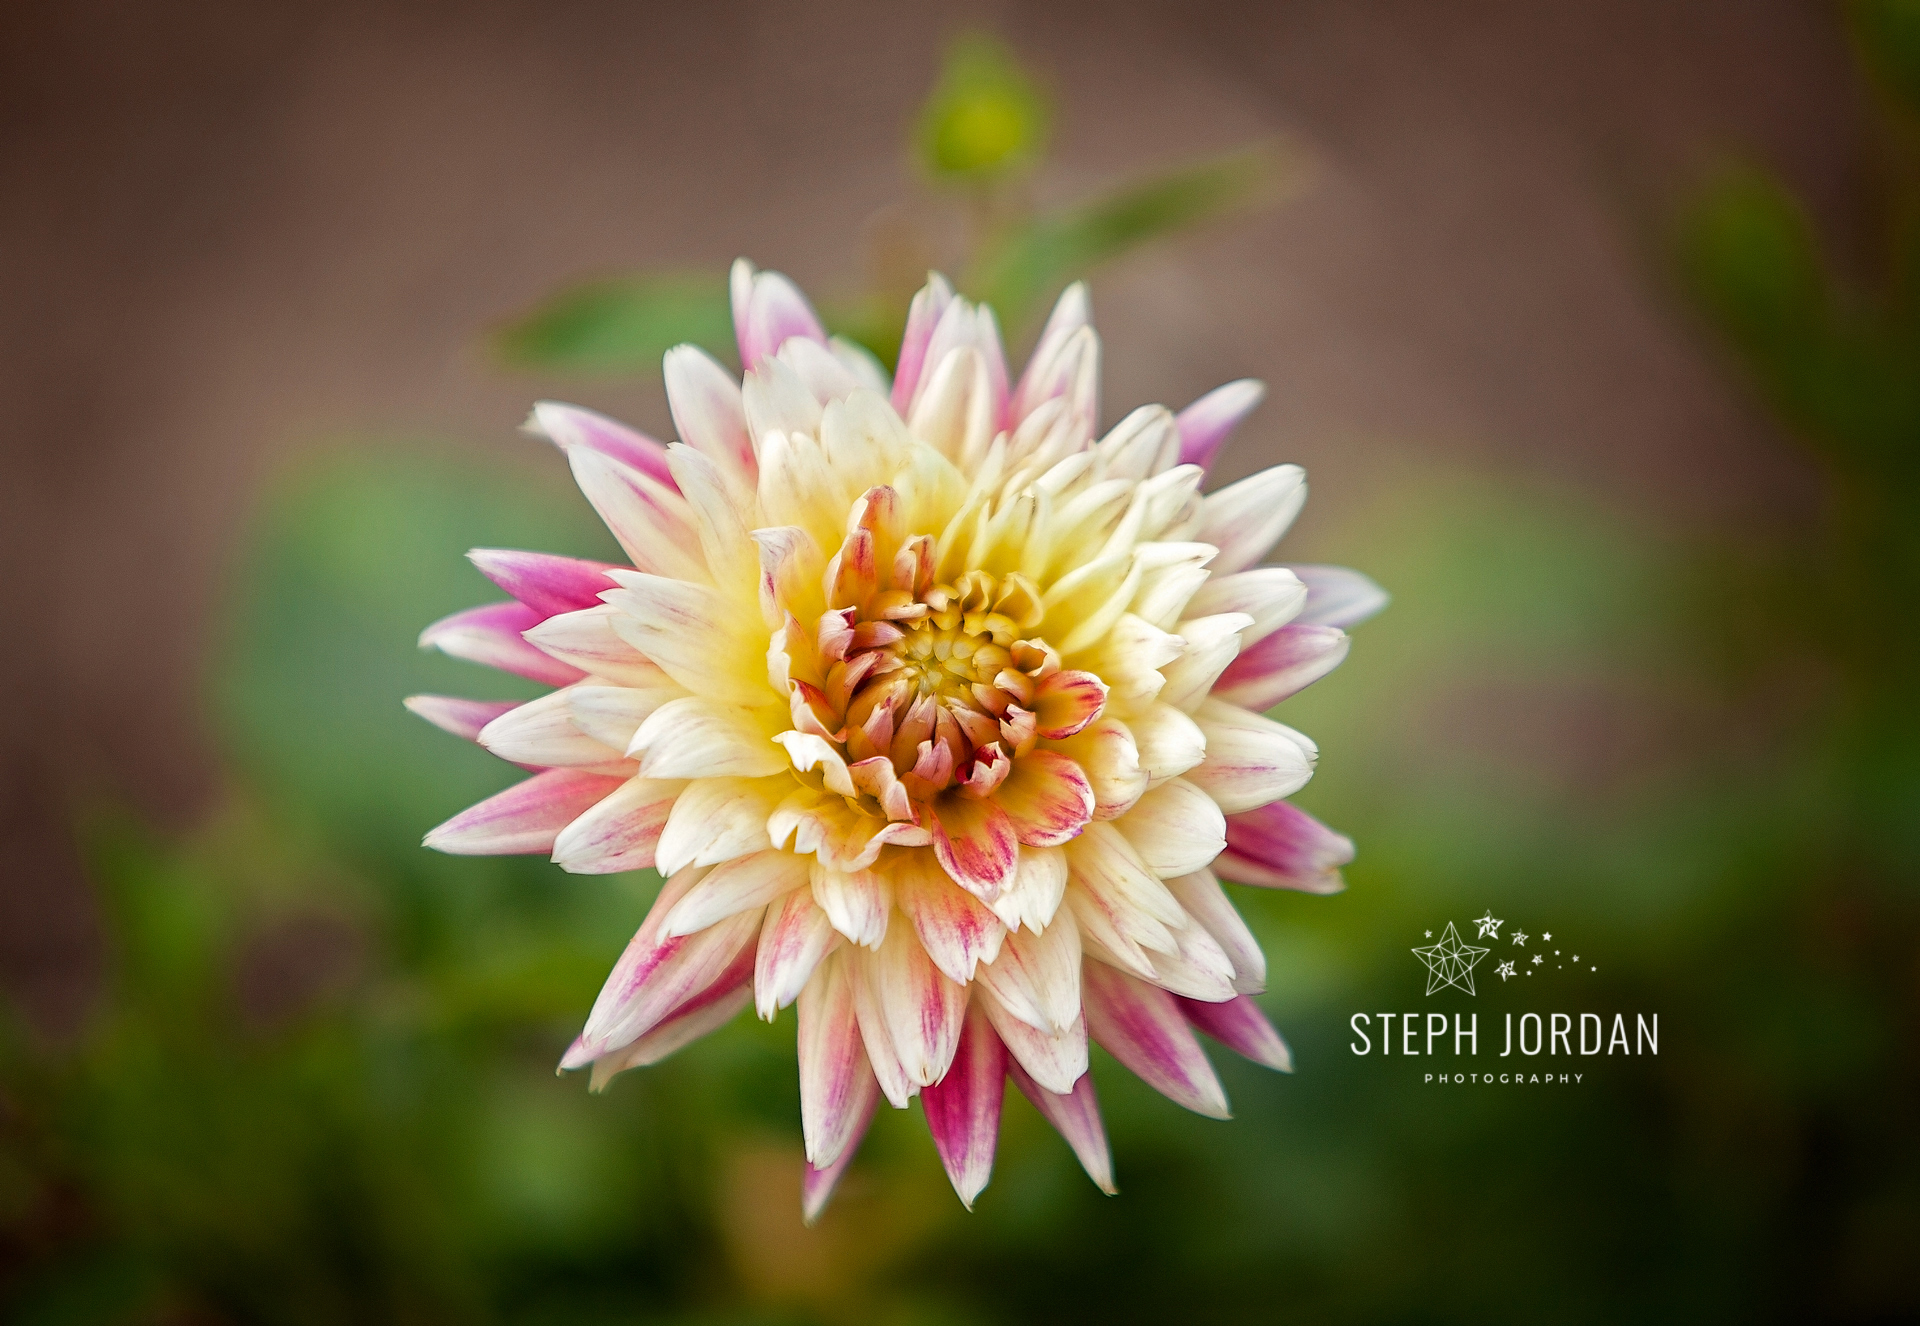 stephjordanphotography